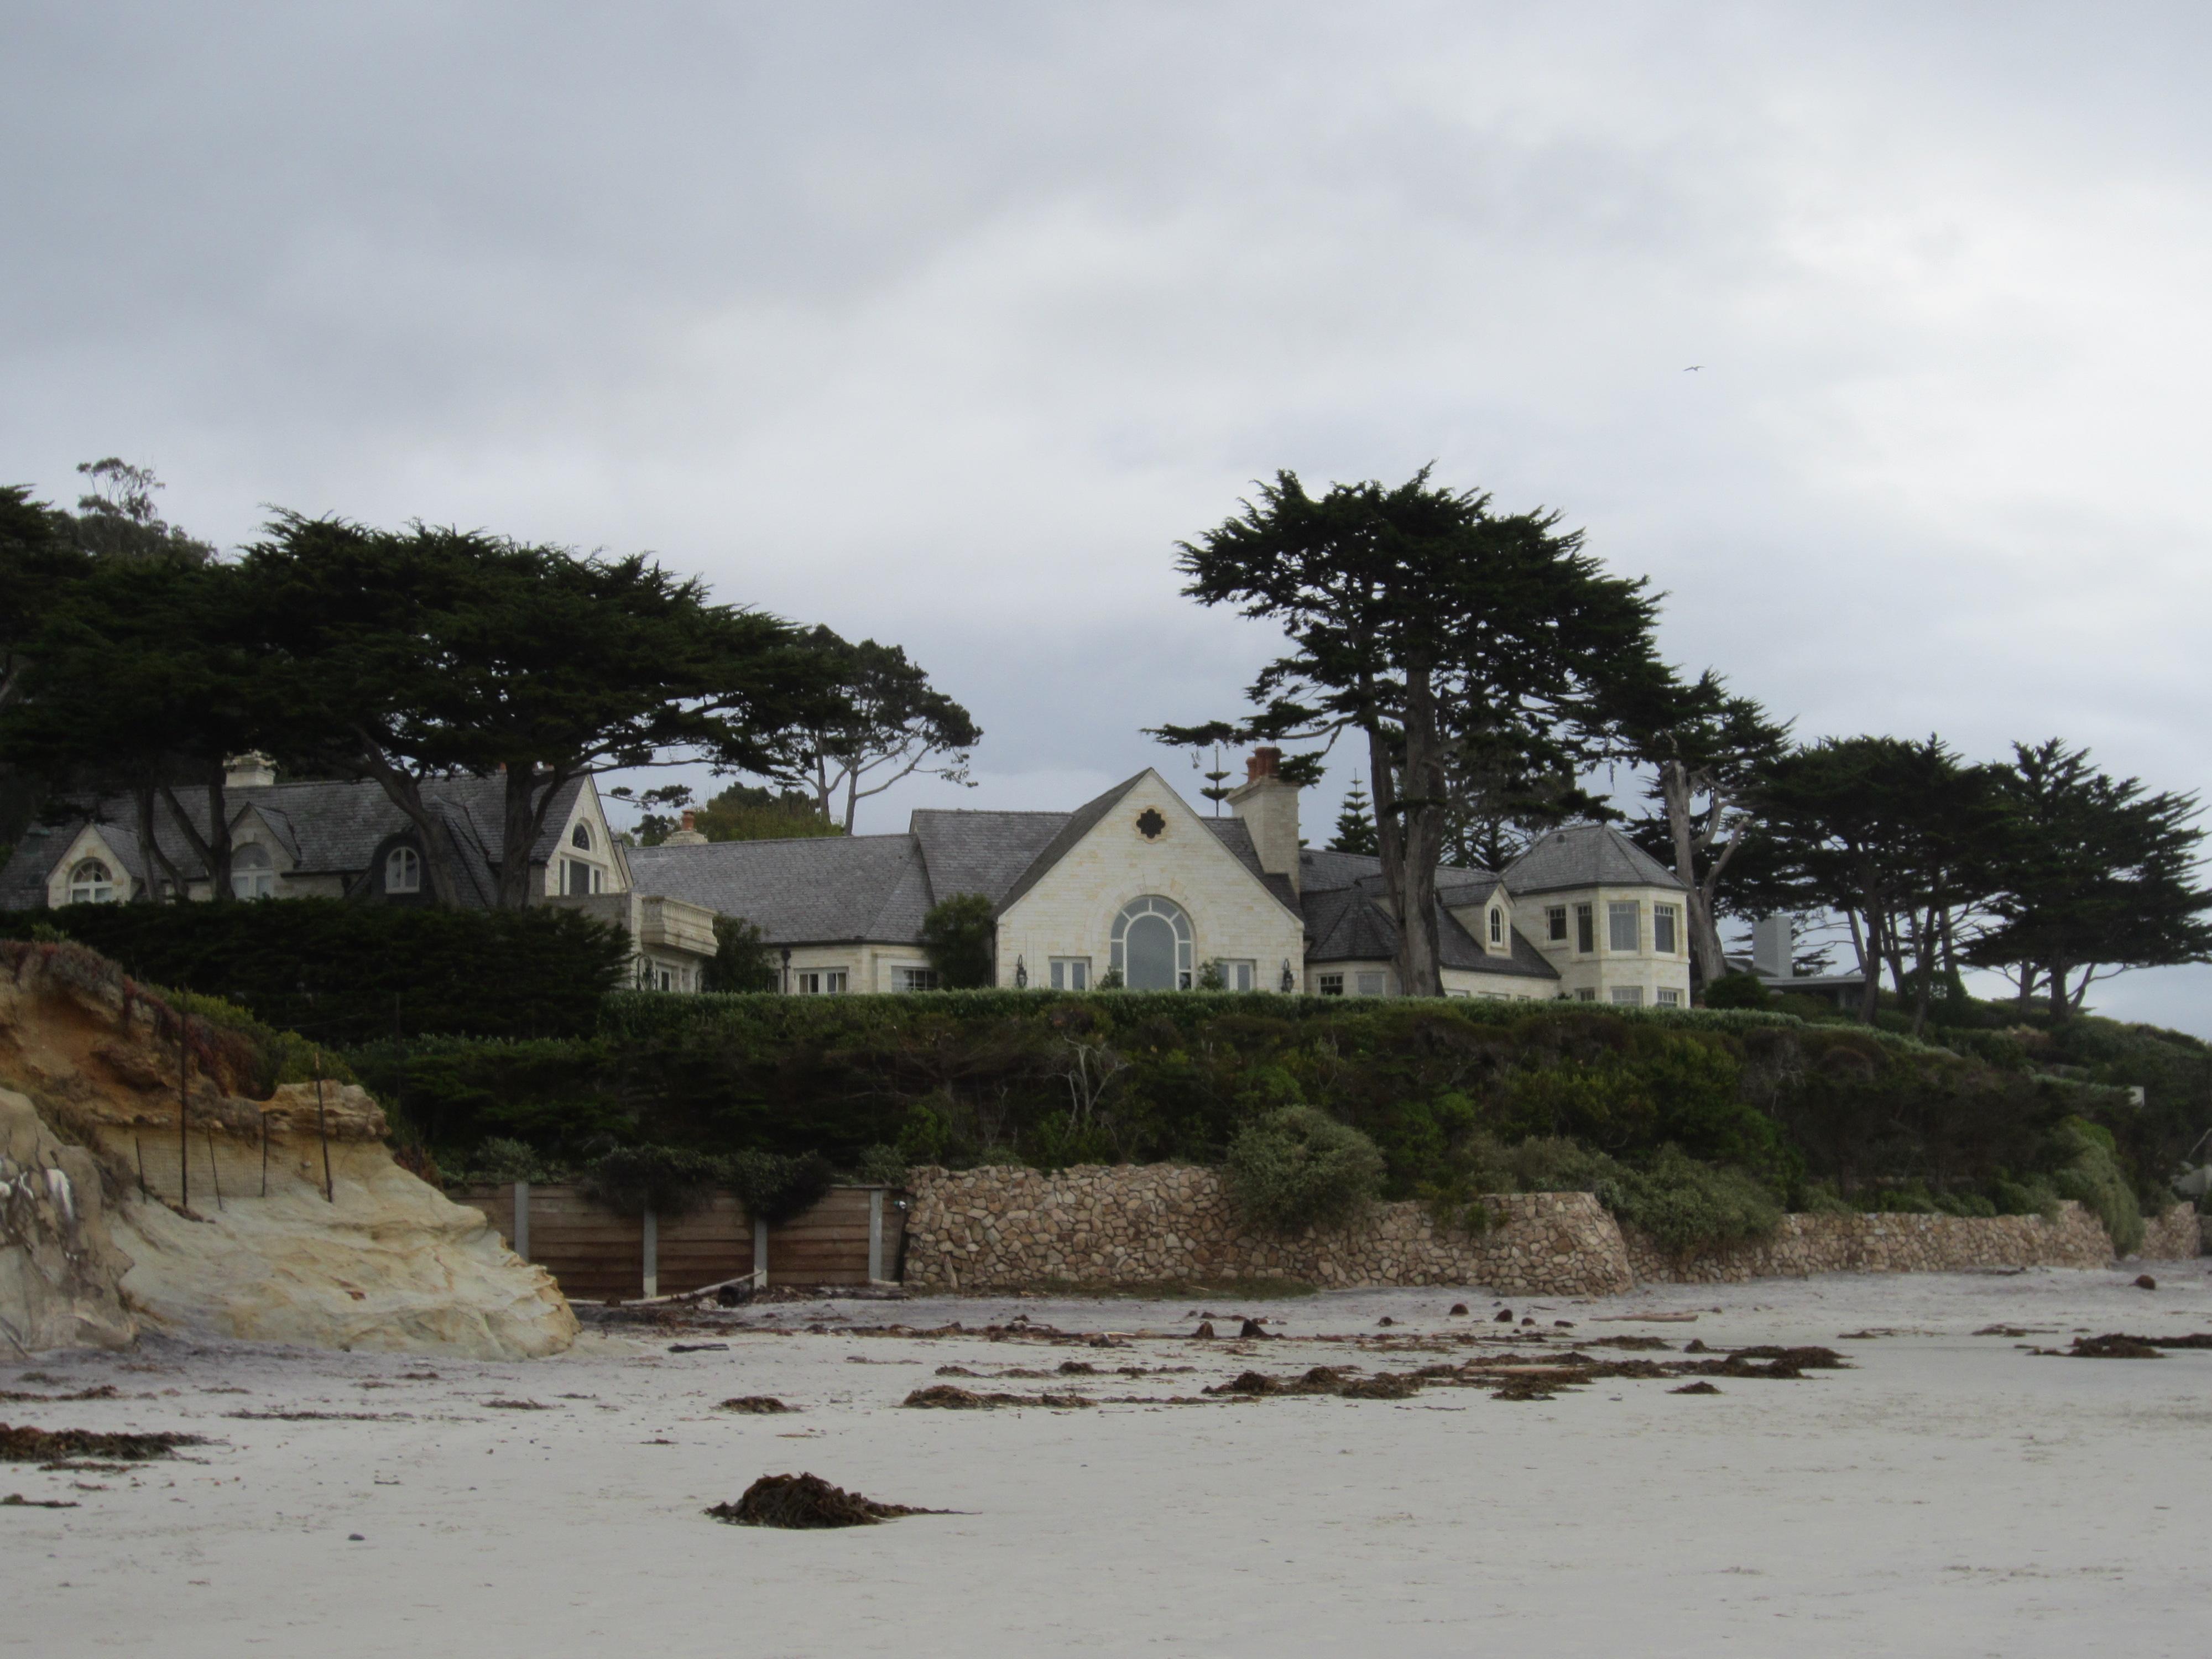 Carmel by the Sea houses